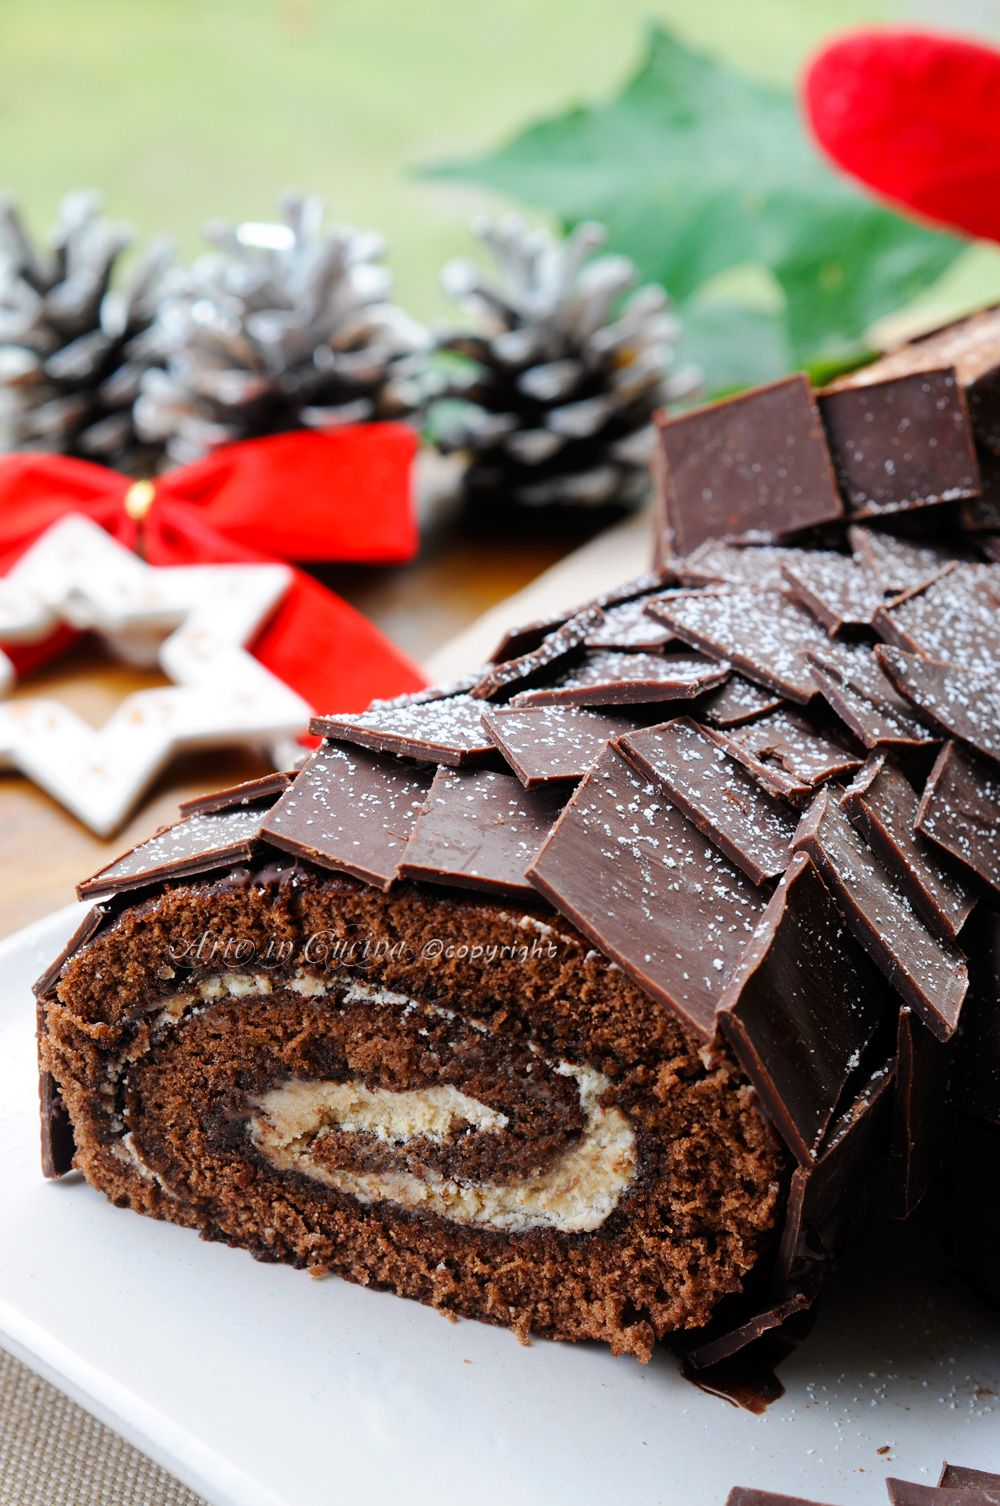 Ricetta Tronchetto Di Natale Alla Nutella.Tronchetto Di Natale Al Tiramisu E Nutella Buche De Noel Ricette